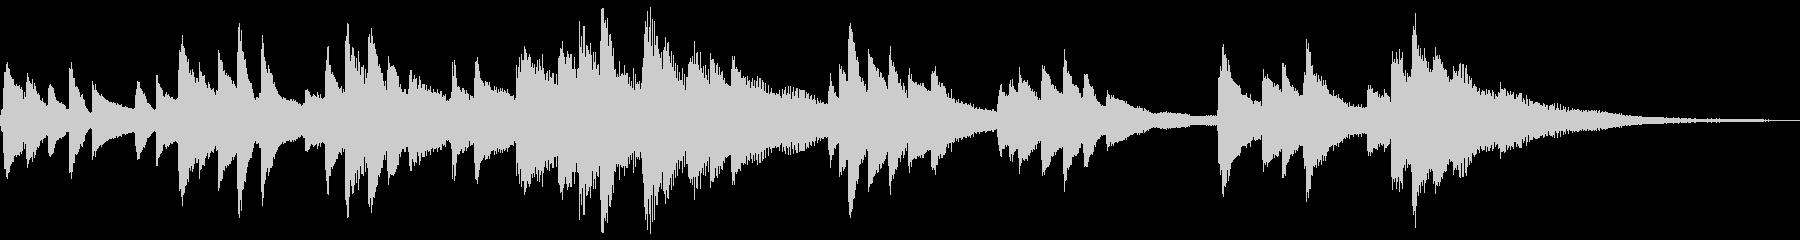 和風のジングル2-ピアノソロ(高音強調)の未再生の波形